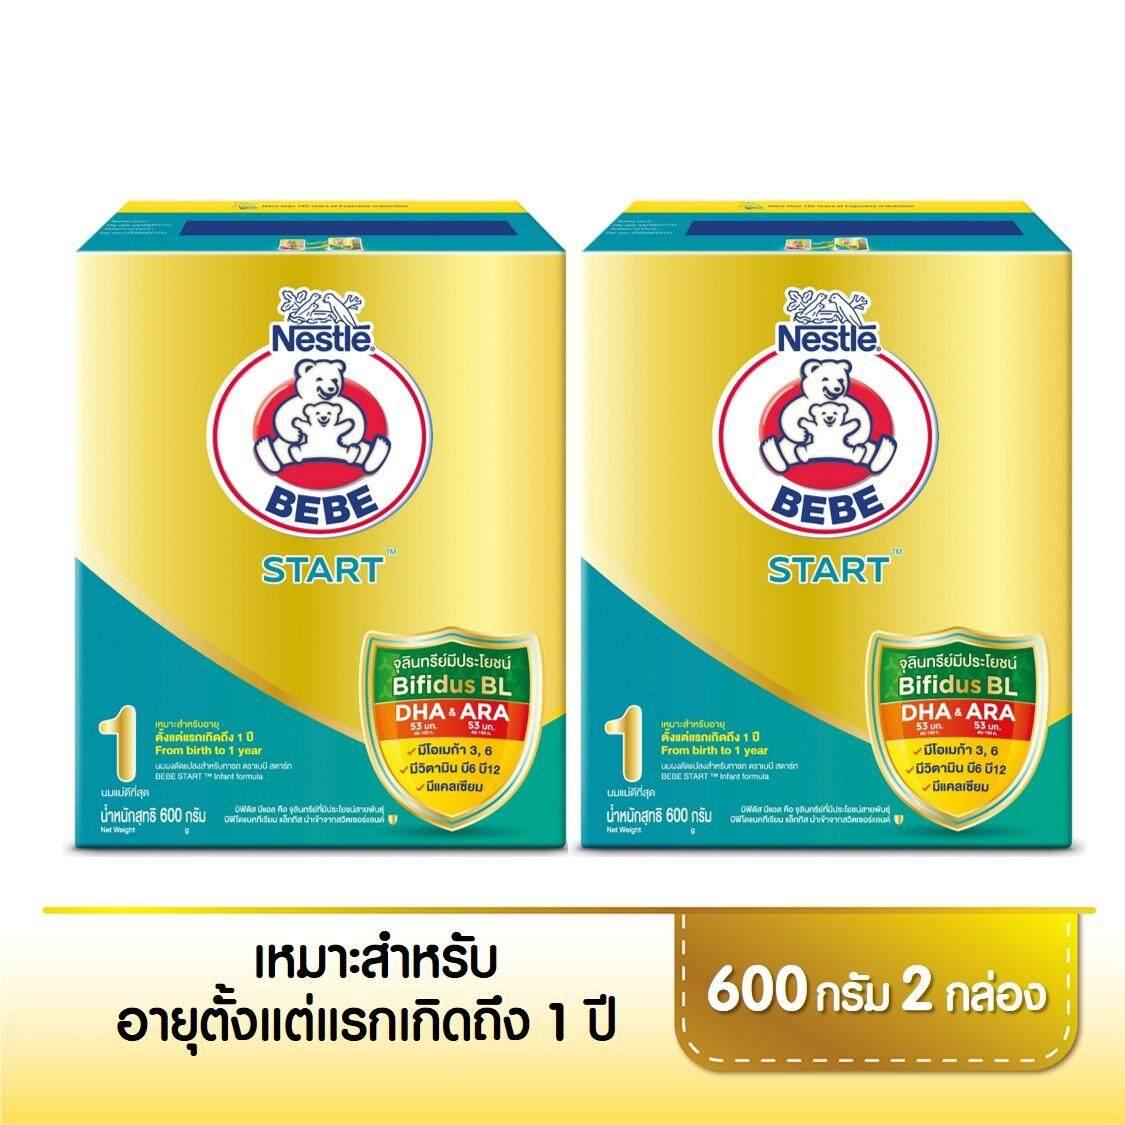 ราคาถูก  นมผง ตราเบบี แอดวานซ์ สตาร์ท นมผงสำหรับทารก ขนาด 600 กรัม x 2กล่อง   ลดราคา ของแท้